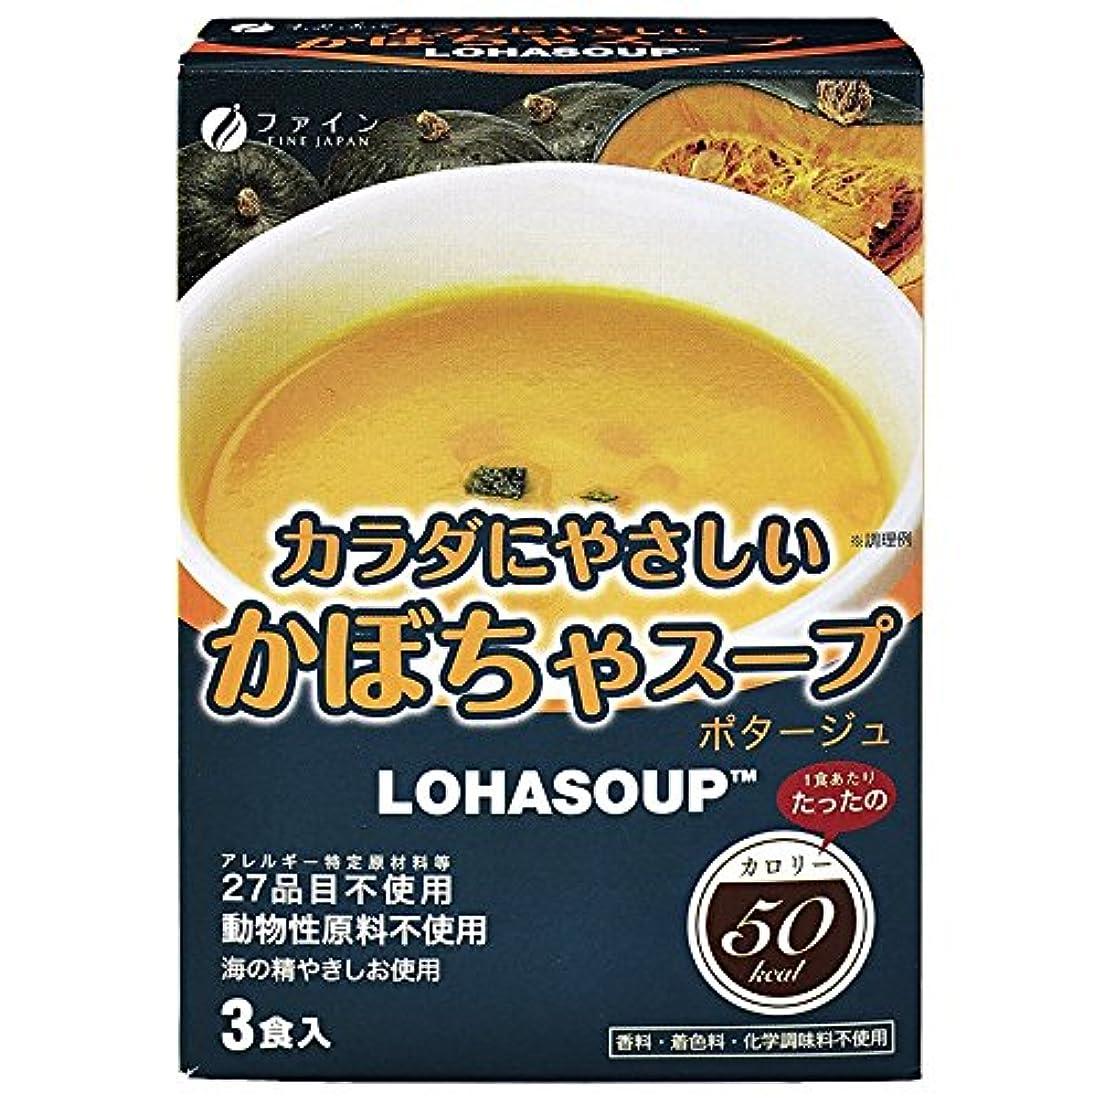 リブ栄光のコンパイルファイン カラダにやさしいかぼちゃスープ 14g×3包